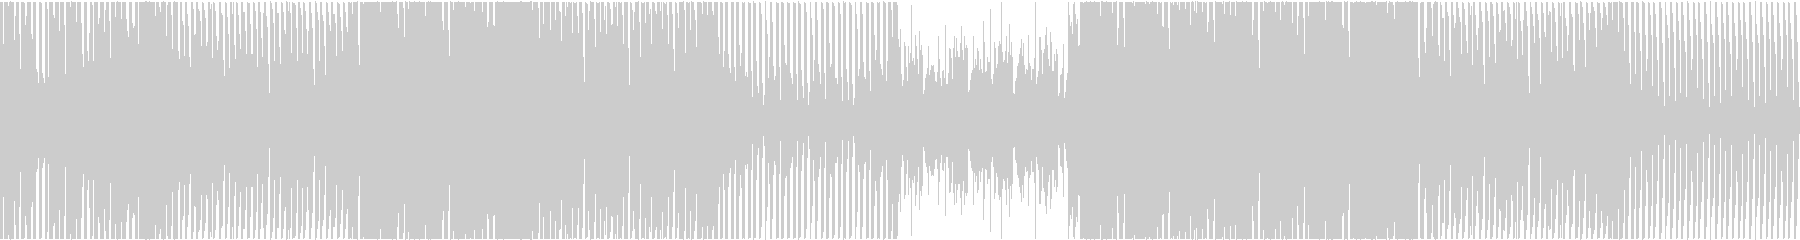 EDM トロピカル 楽しい 海 プールの未再生の波形